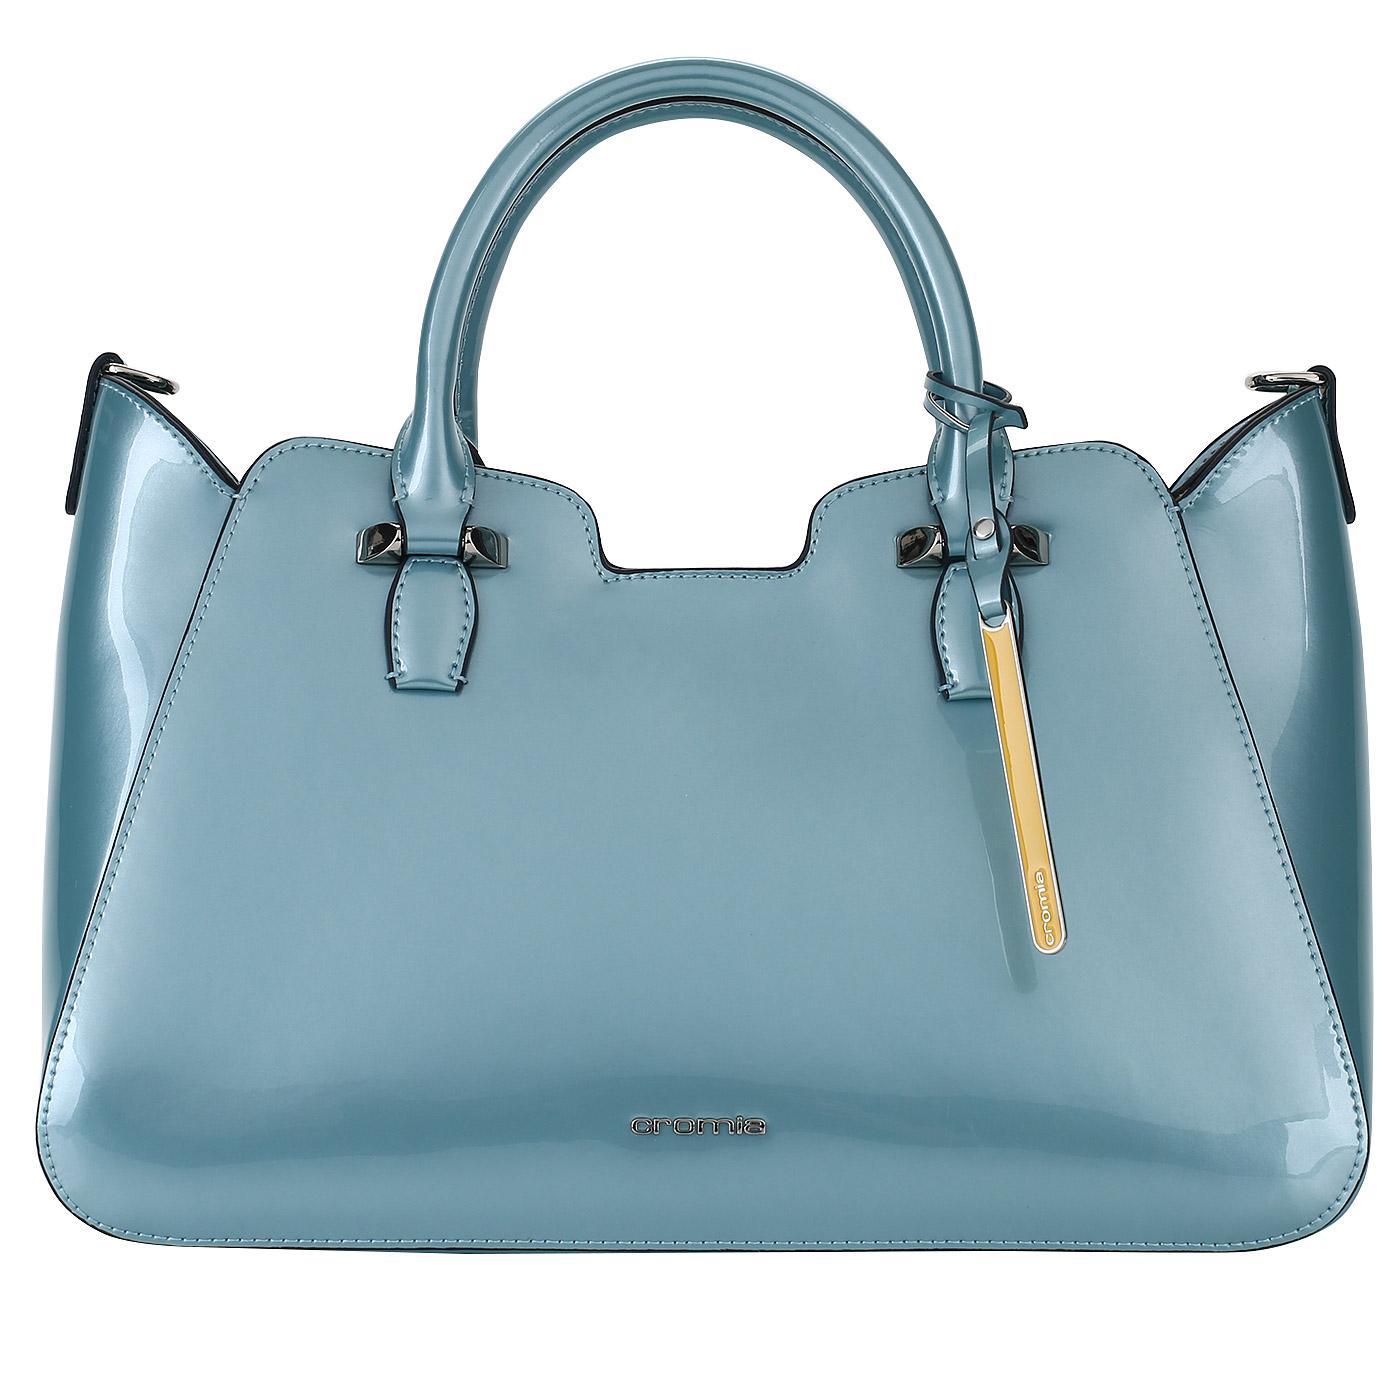 598b3db29e4f Голубая женская сумка из лакированной кожи Cromia Perlissima ...